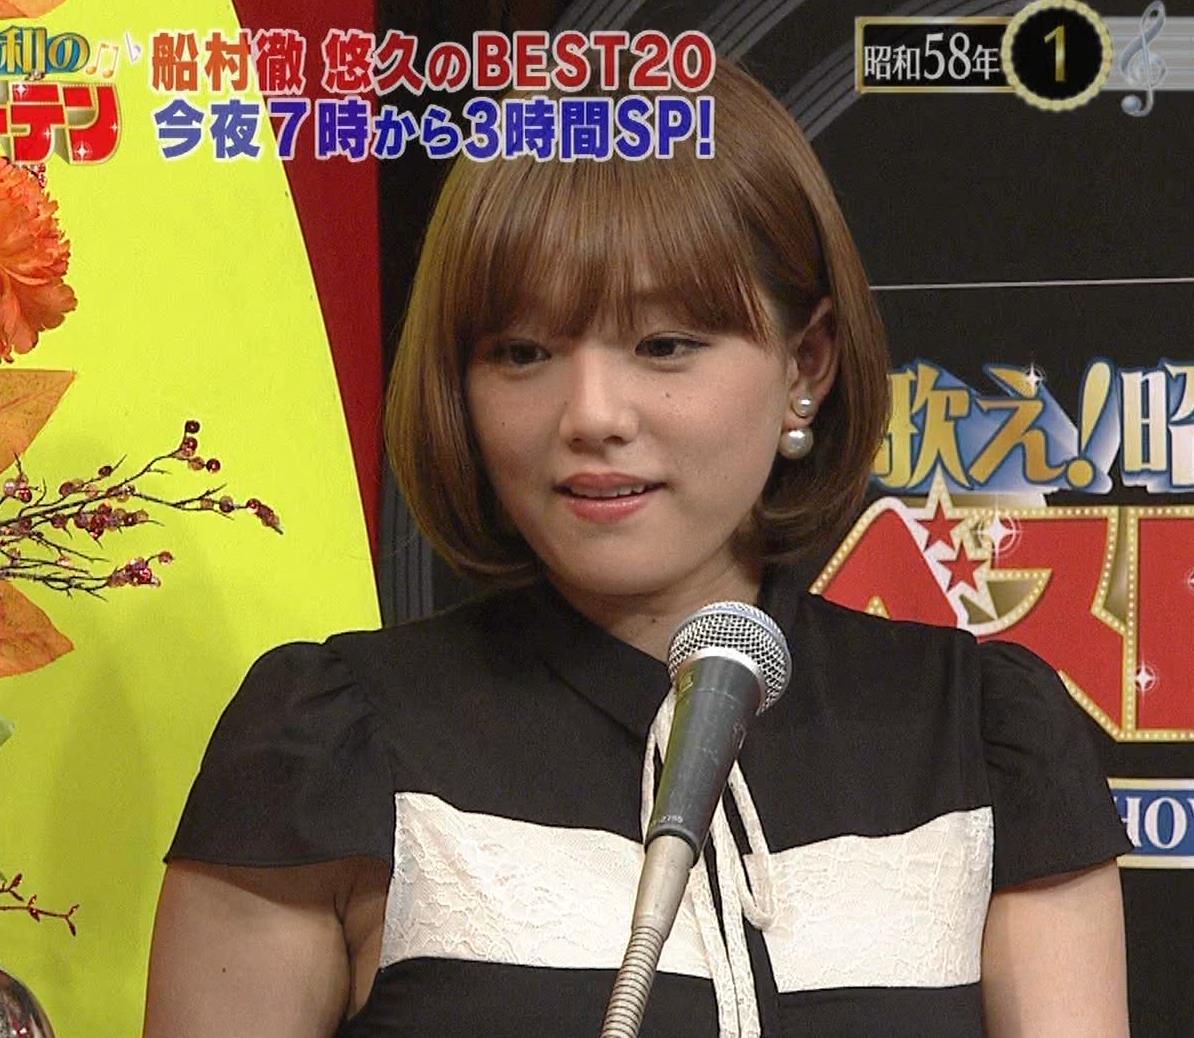 篠崎愛 着衣おっぱい&ワキ肉がエロいキャプ・エロ画像15